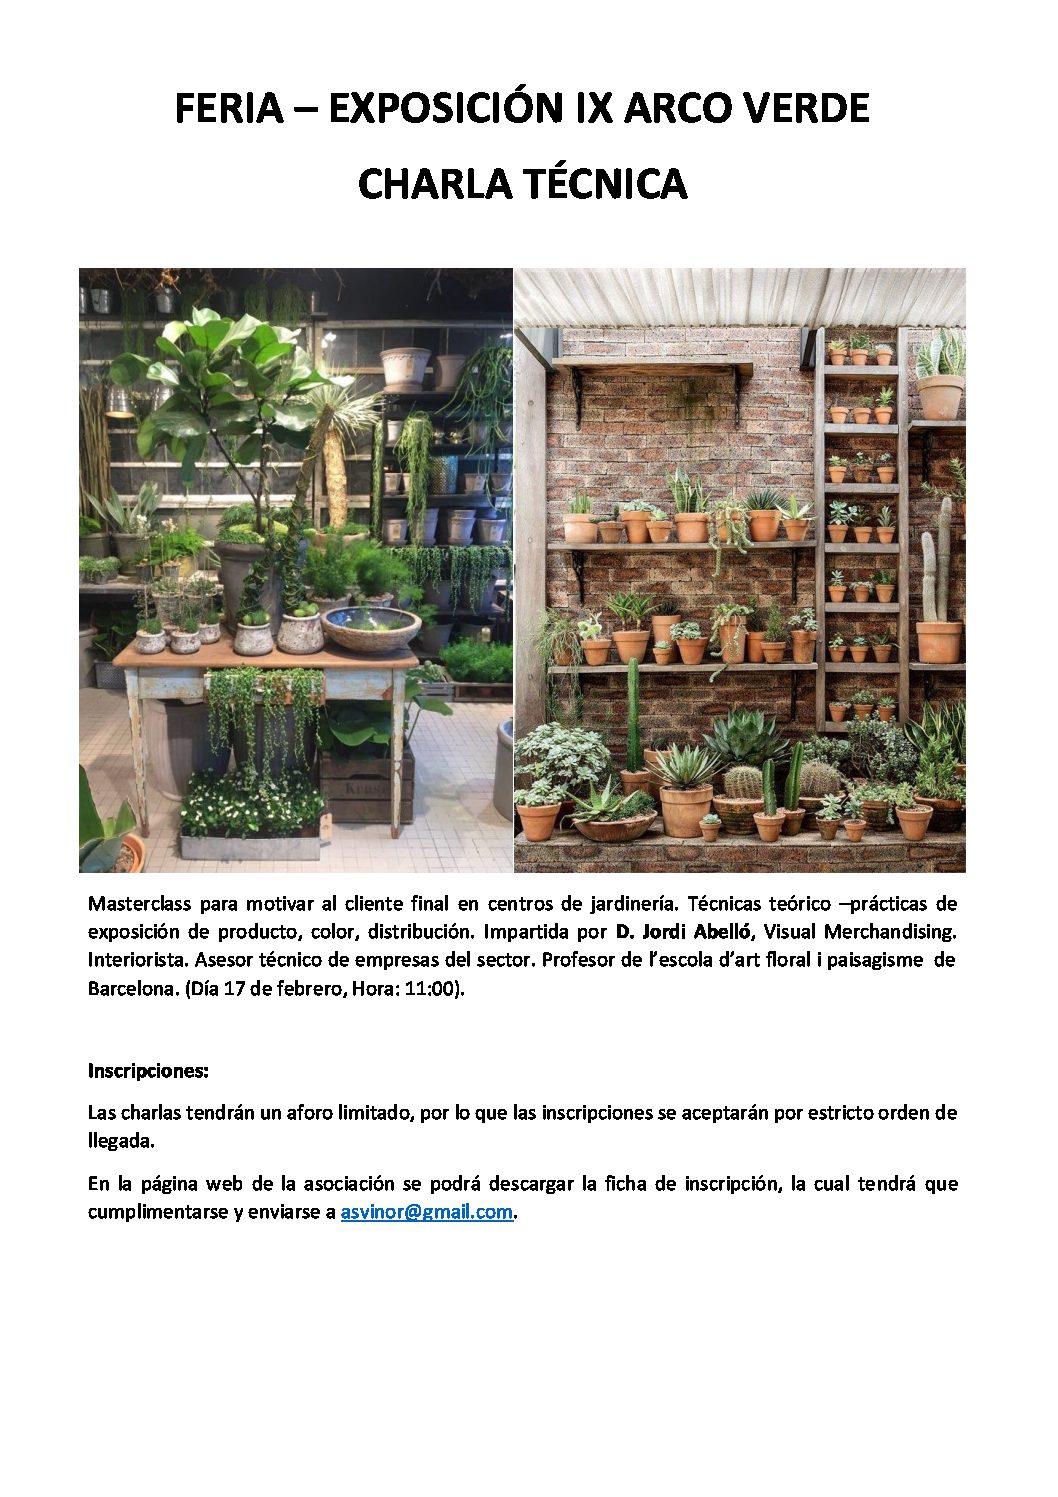 Charla Técnica – Masterclass para motivar al cliente final en centros de jardinería. Técnicas teórico –prácticas de exposición de producto, color, distribución.